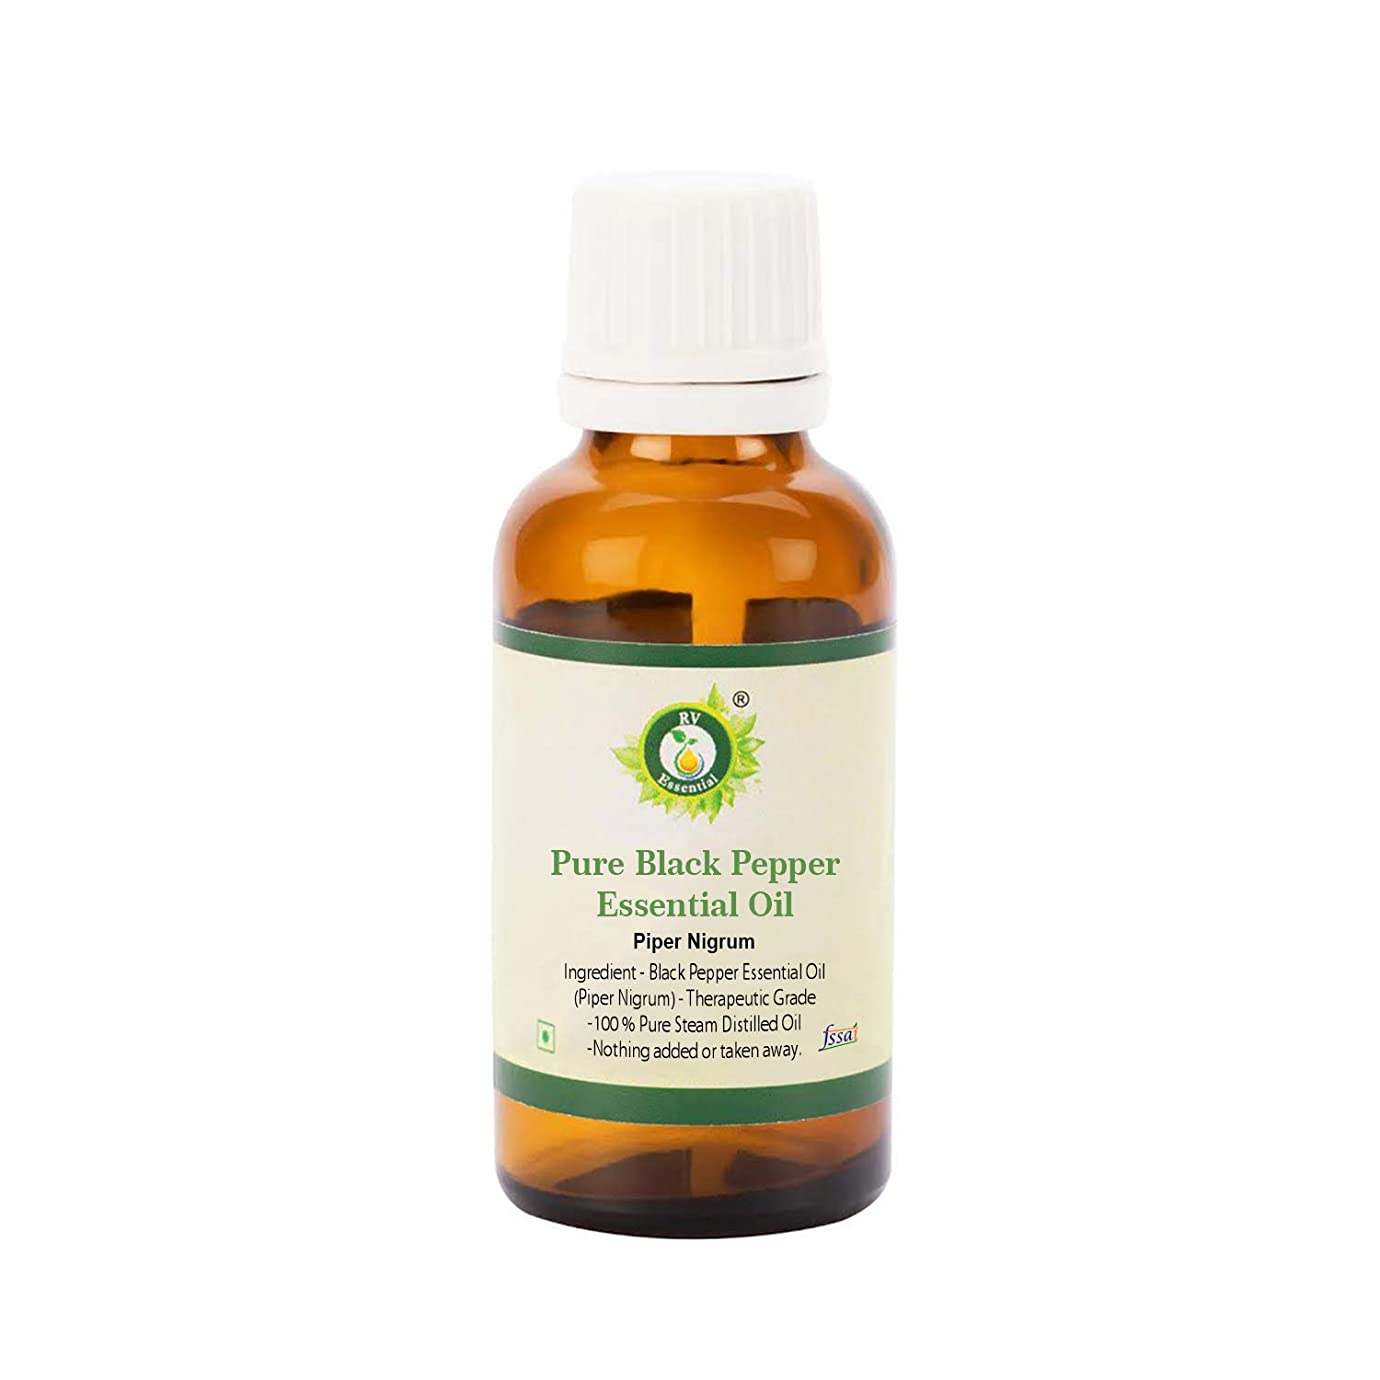 シルエット現代同盟R V Essential ピュアブラックペッパーエッセンシャルオイル10ml (0.338oz)- Piper Nigrum (100%純粋&天然スチームDistilled) Pure Black Pepper Essential Oil